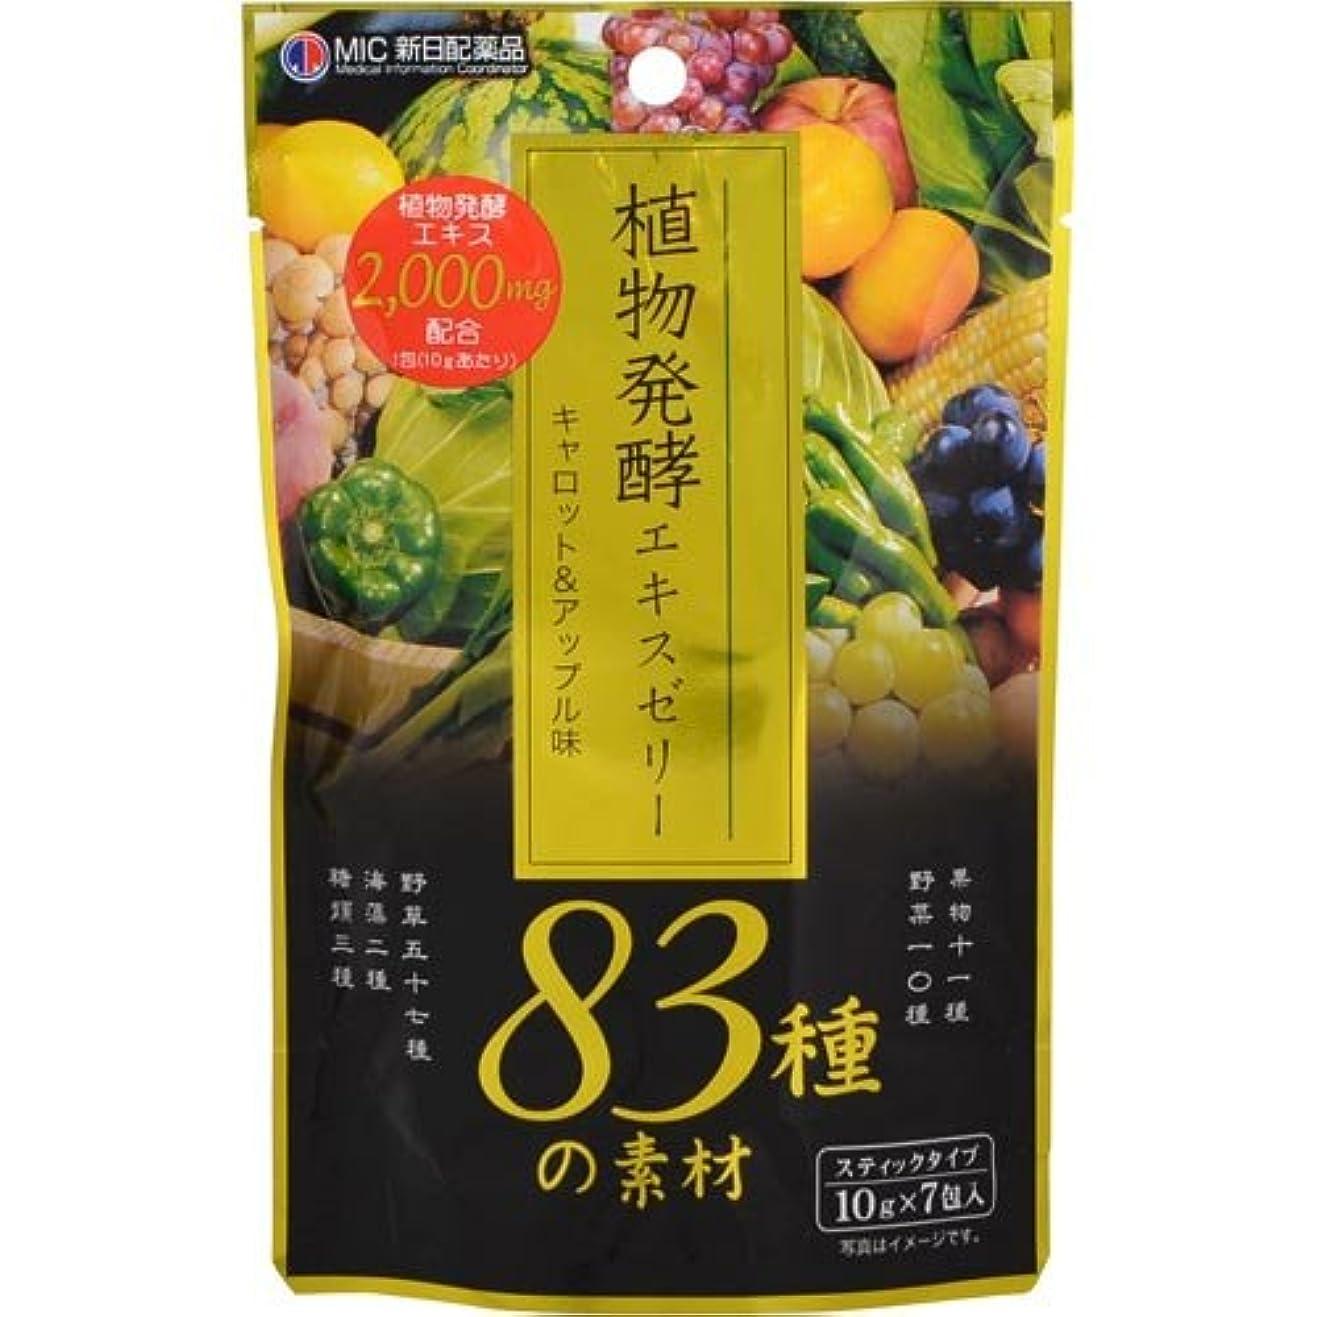 嘆くグレートオークに関して植物醗酵エキスゼリー キャロット&アップル味 10g×7包